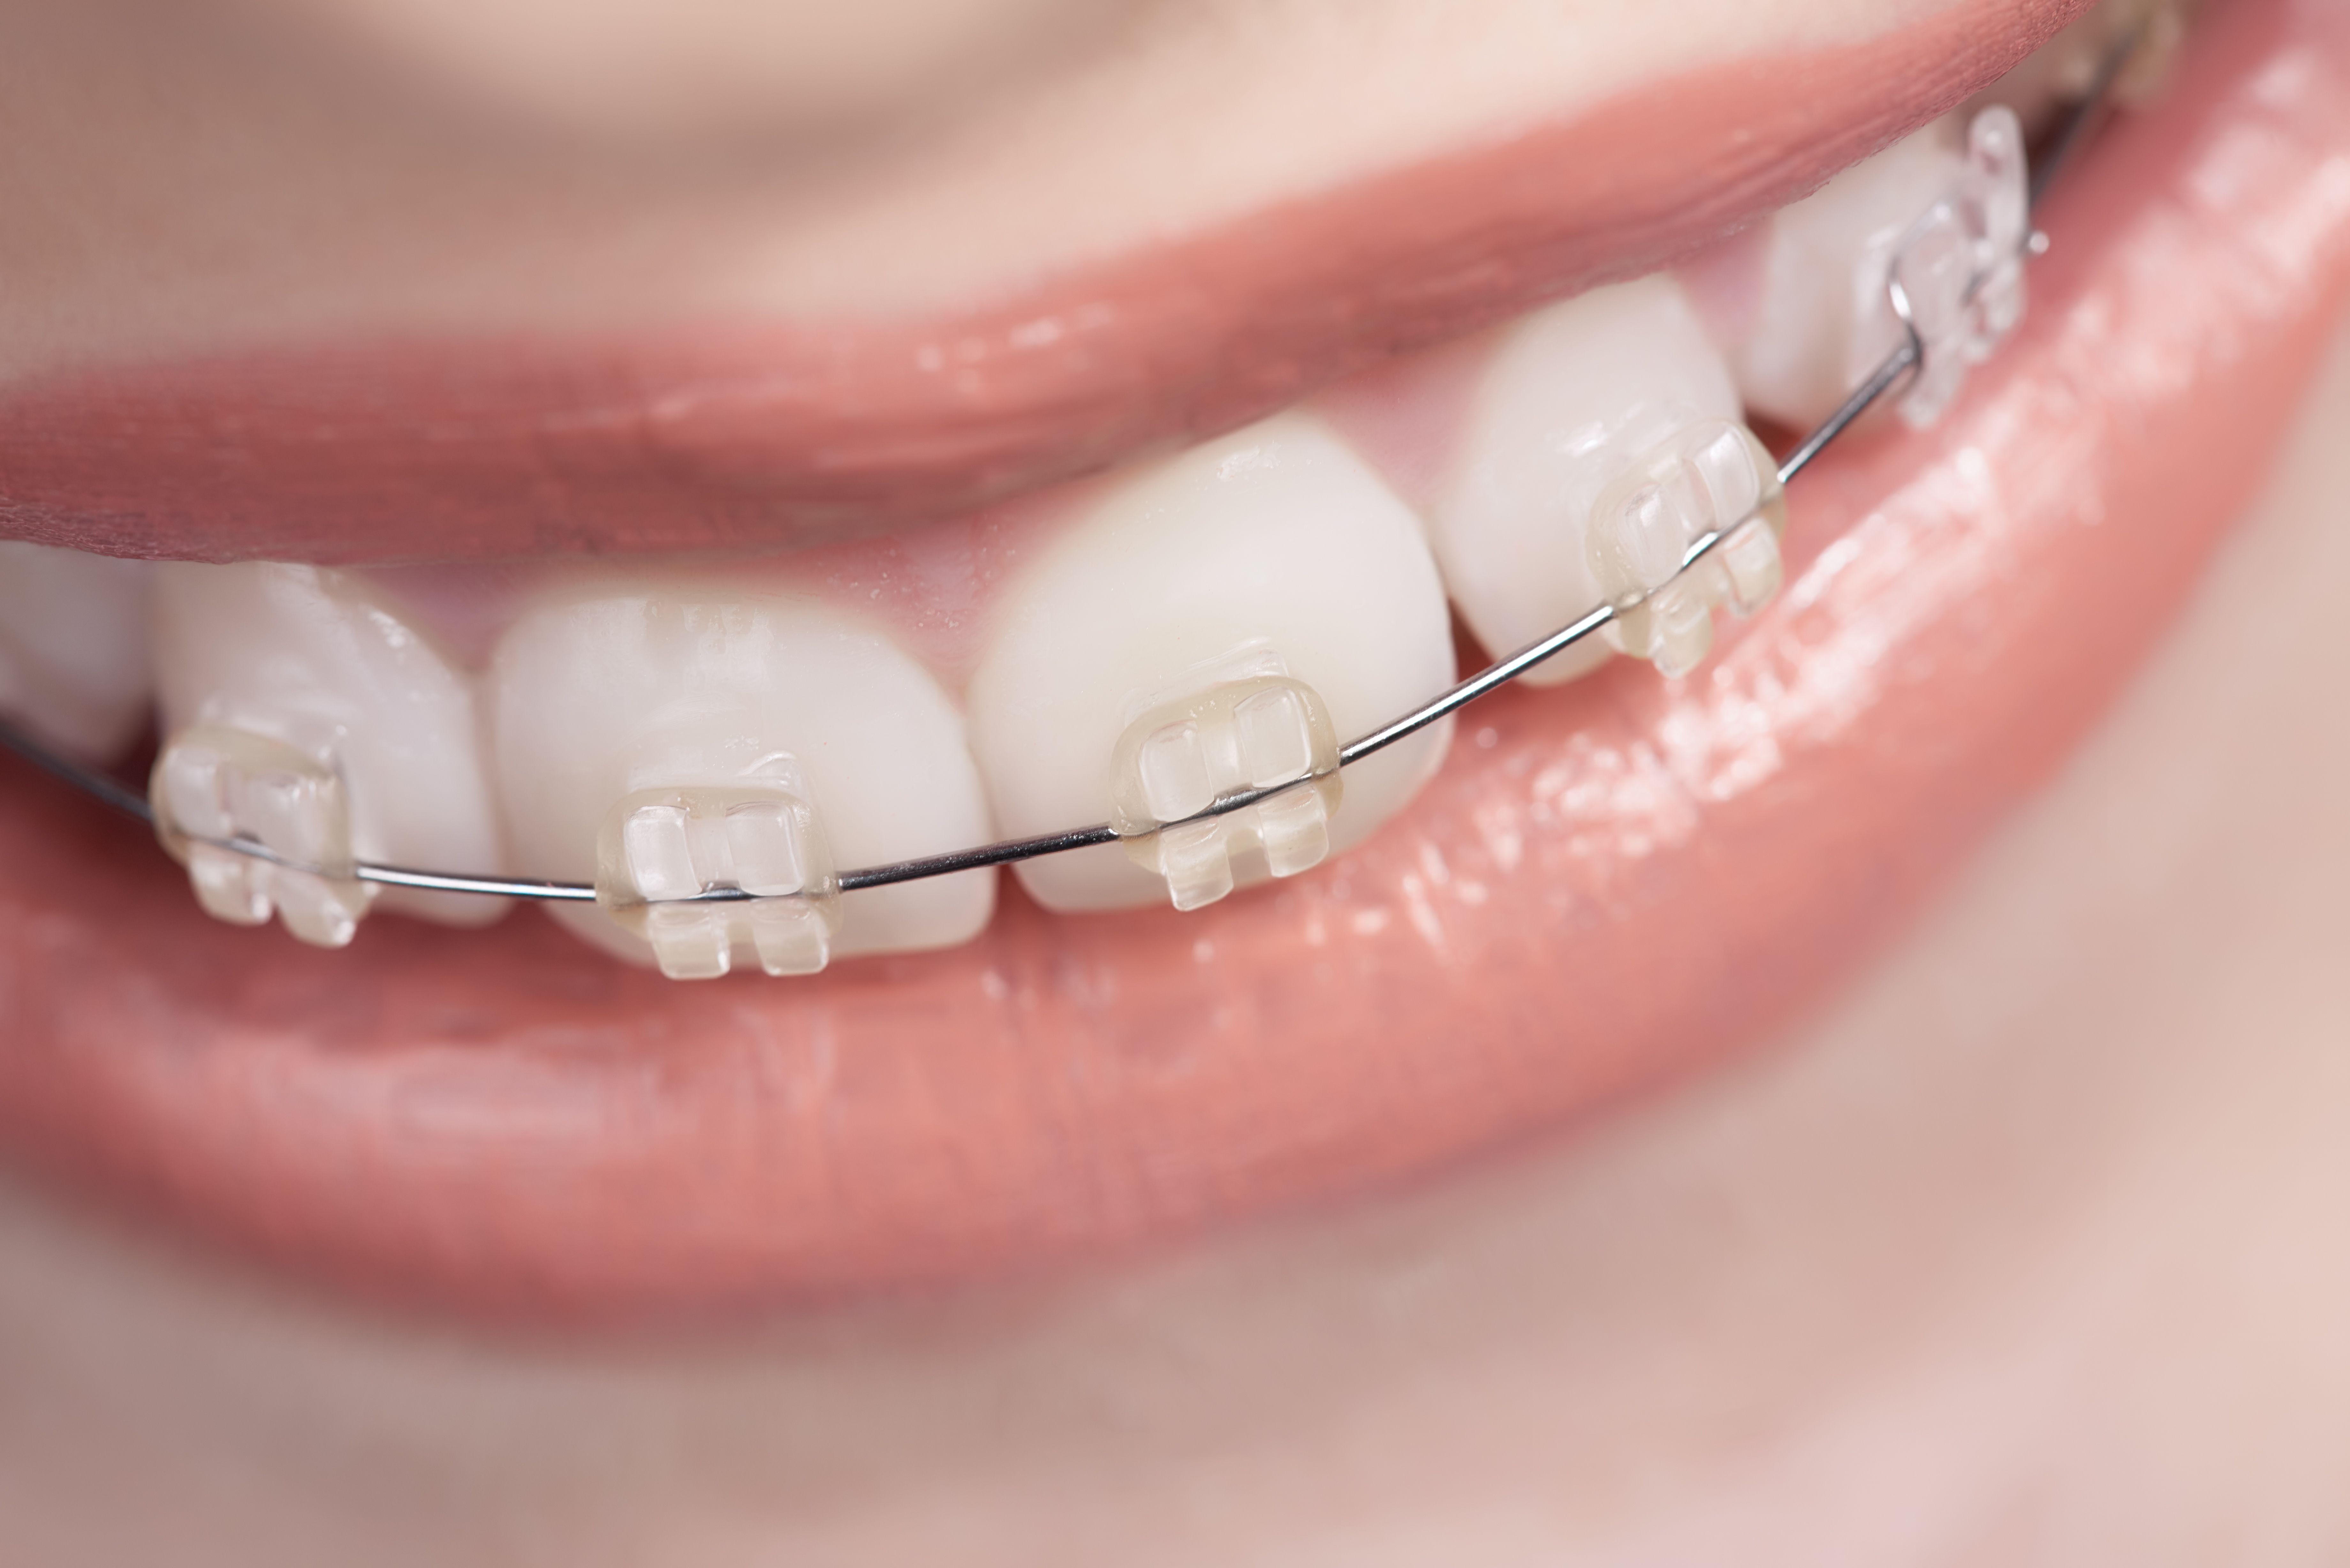 Ortodoncia invisible Valdemoro